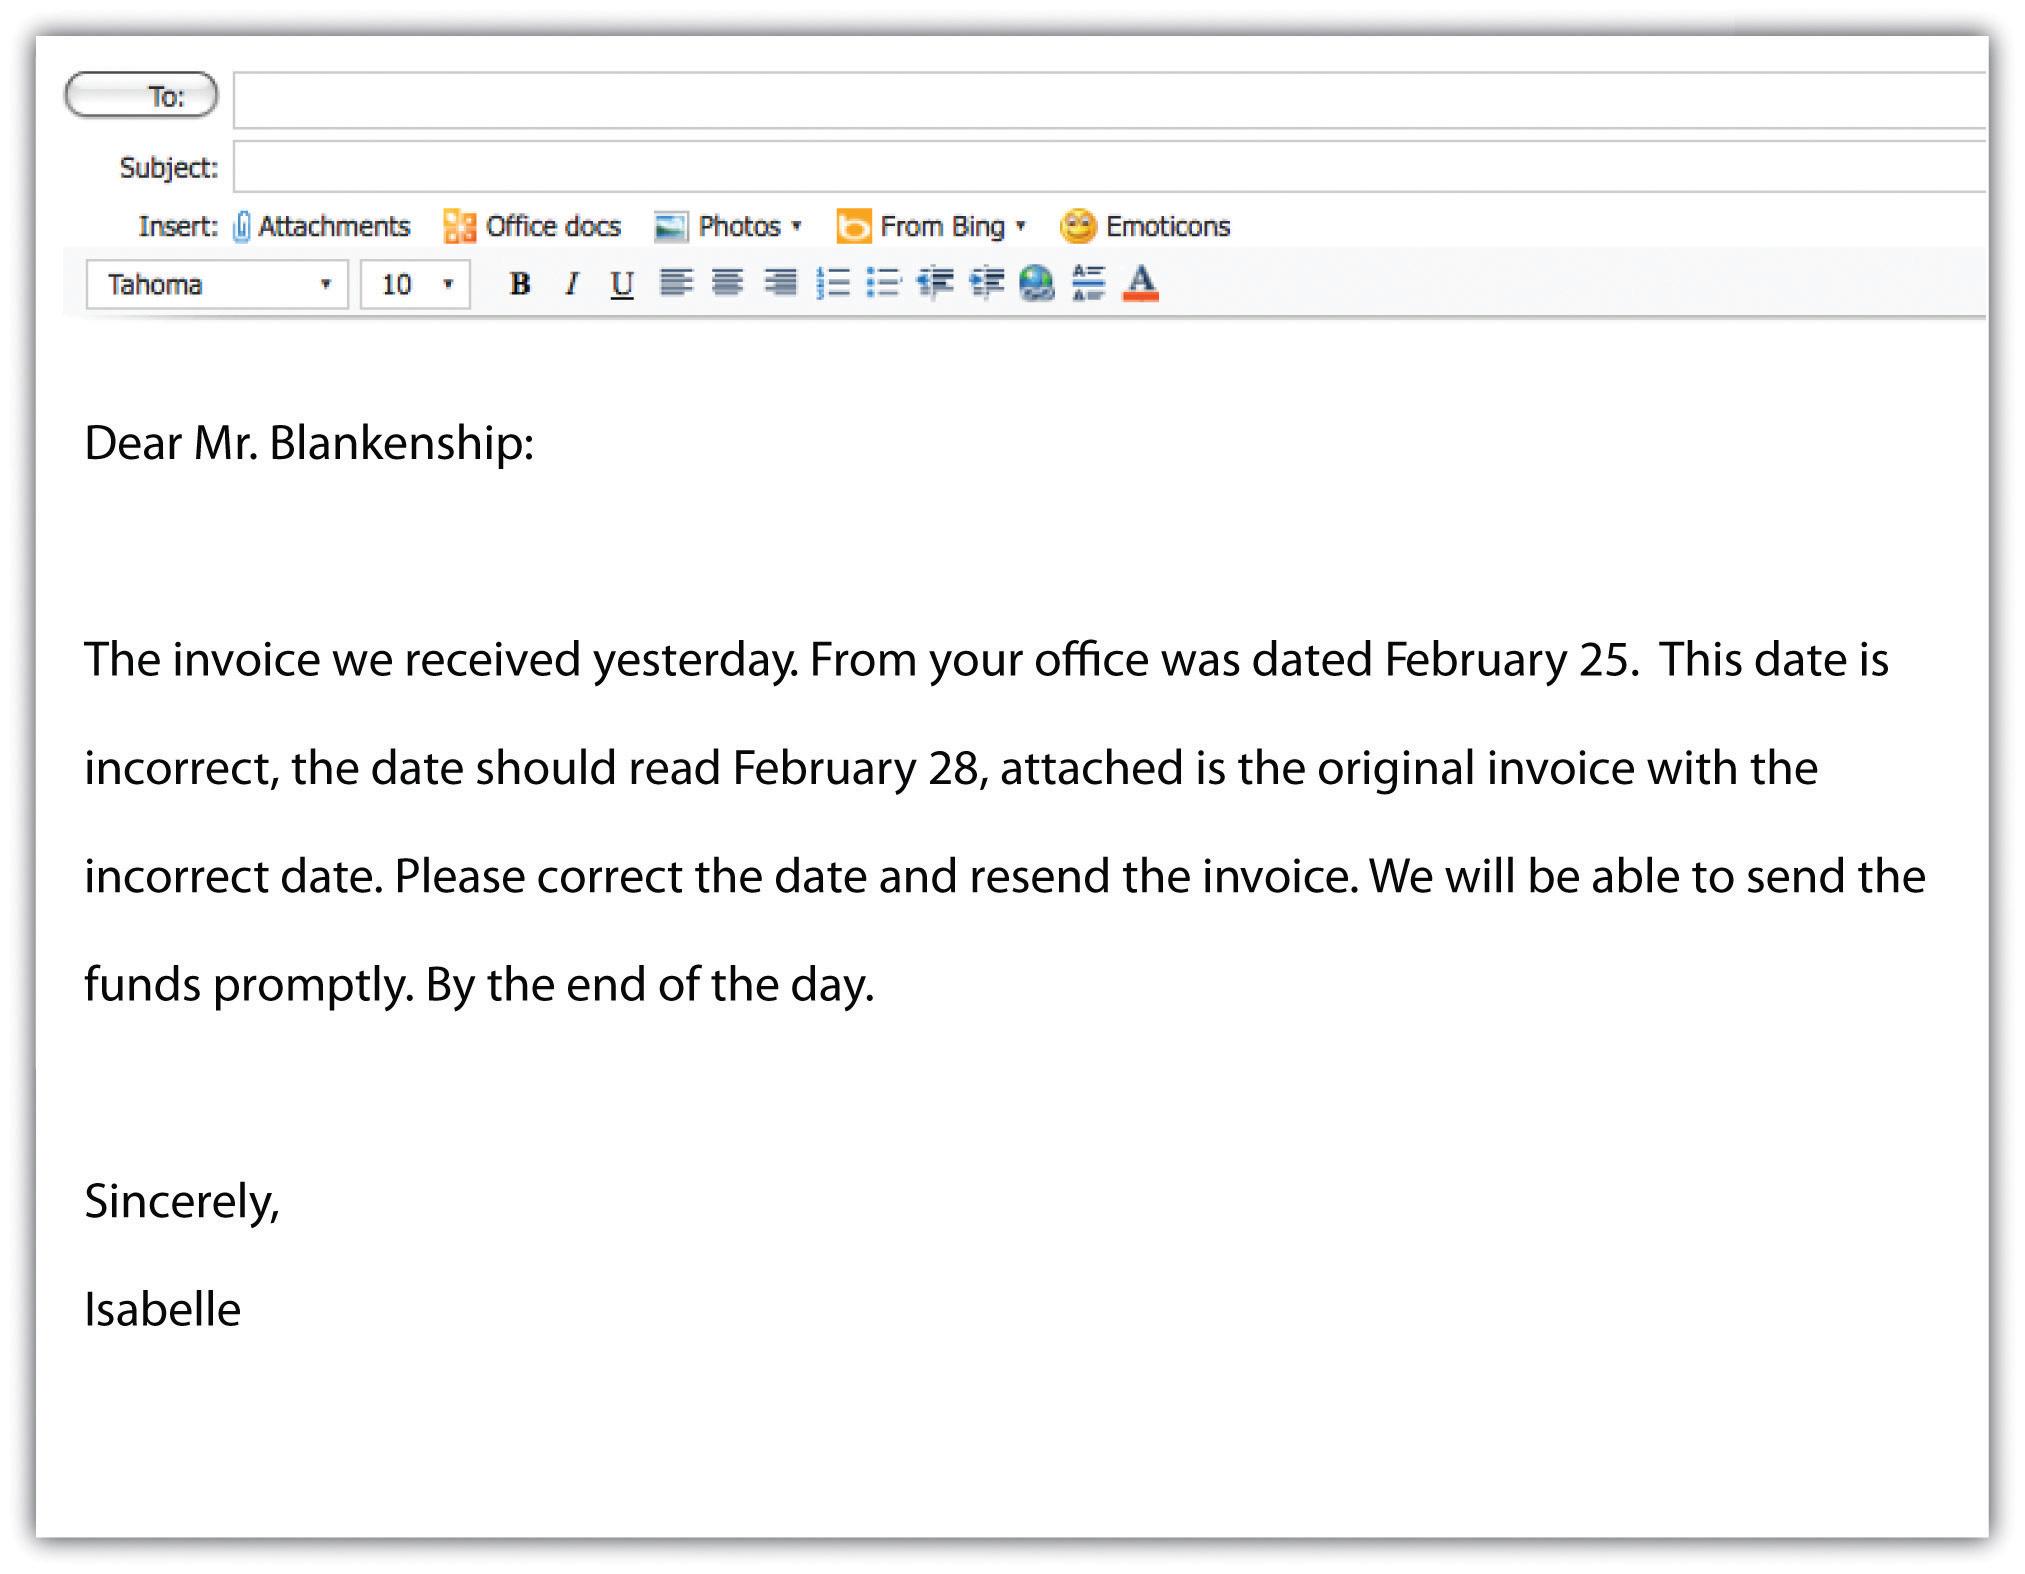 A sample e-mail: